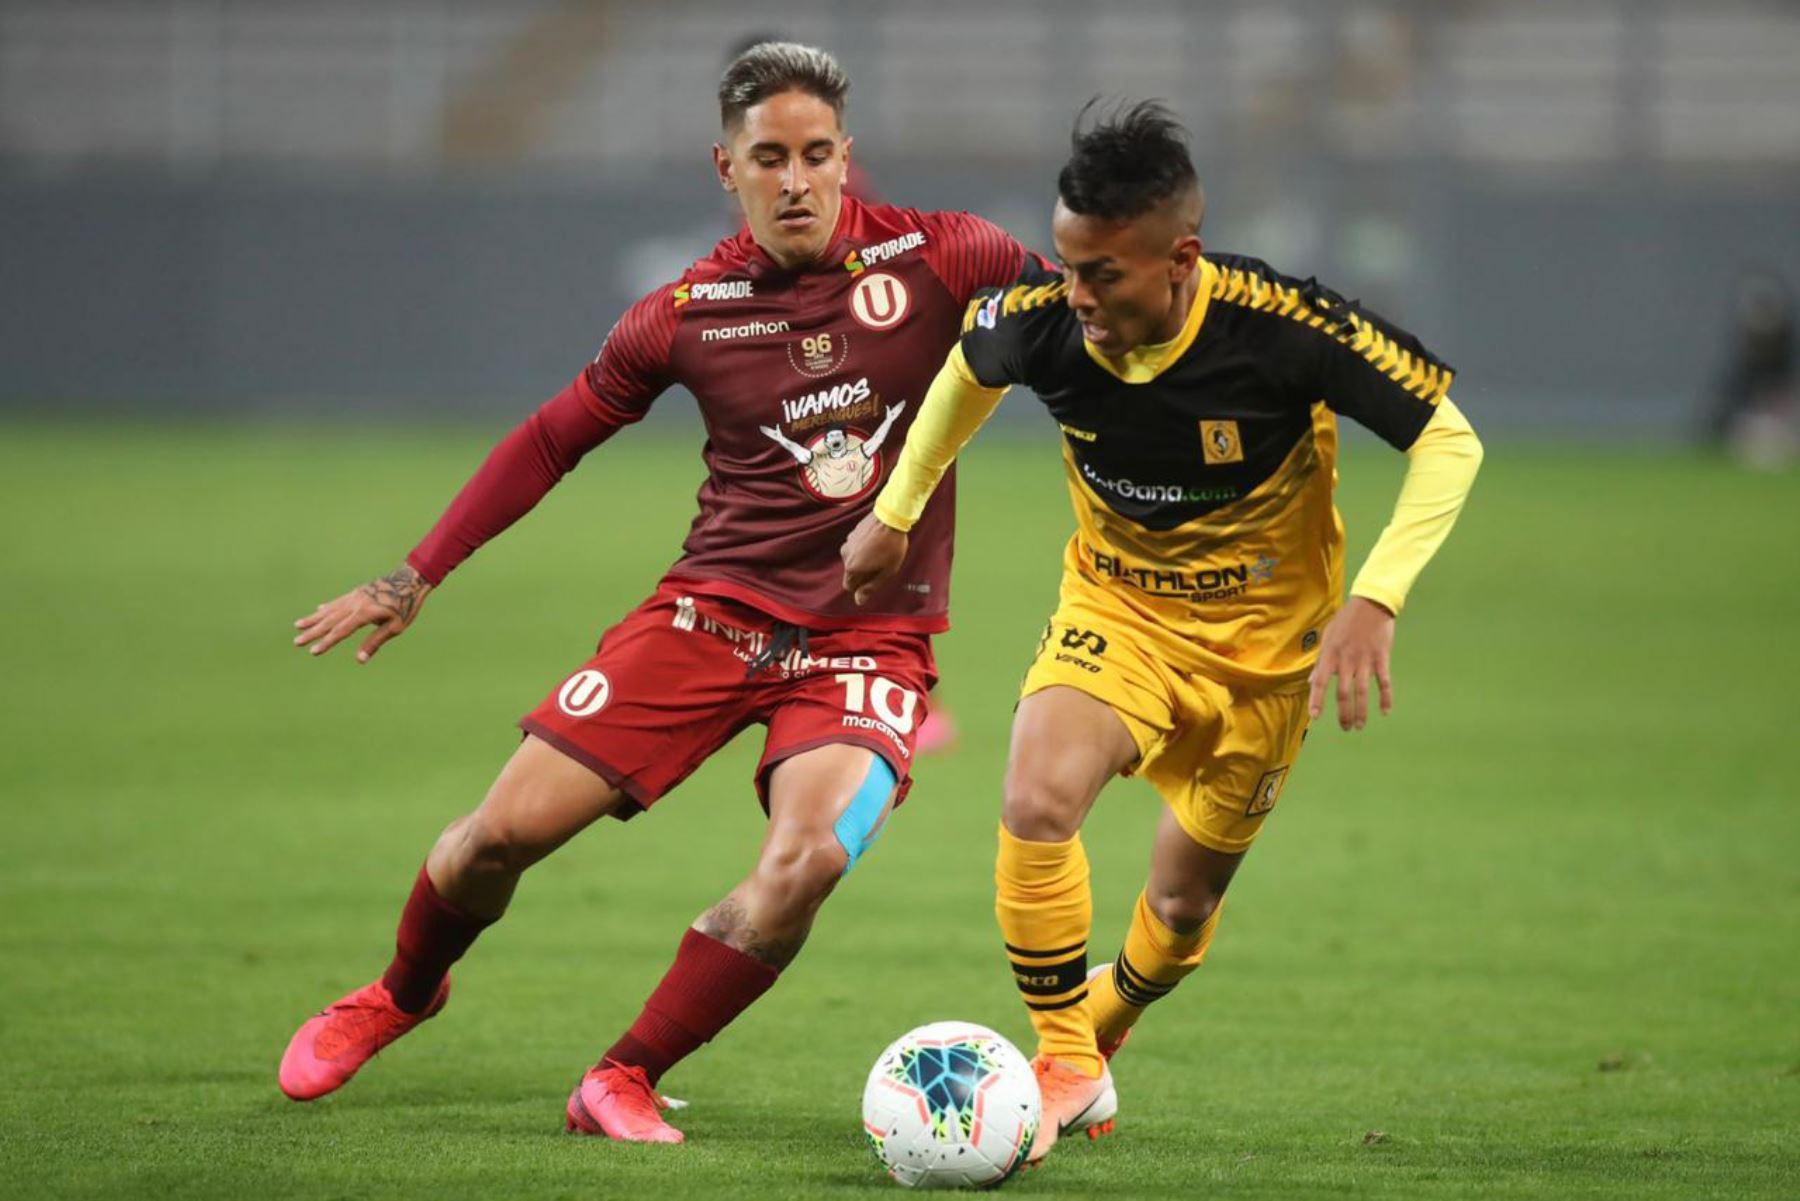 Universitario de Deportes empata 0 a 0 con el Cantolao en la fase 1 de la Liga Movistar en el estadio Nacional. Foto: Liga 1 de Fútbol Profesional